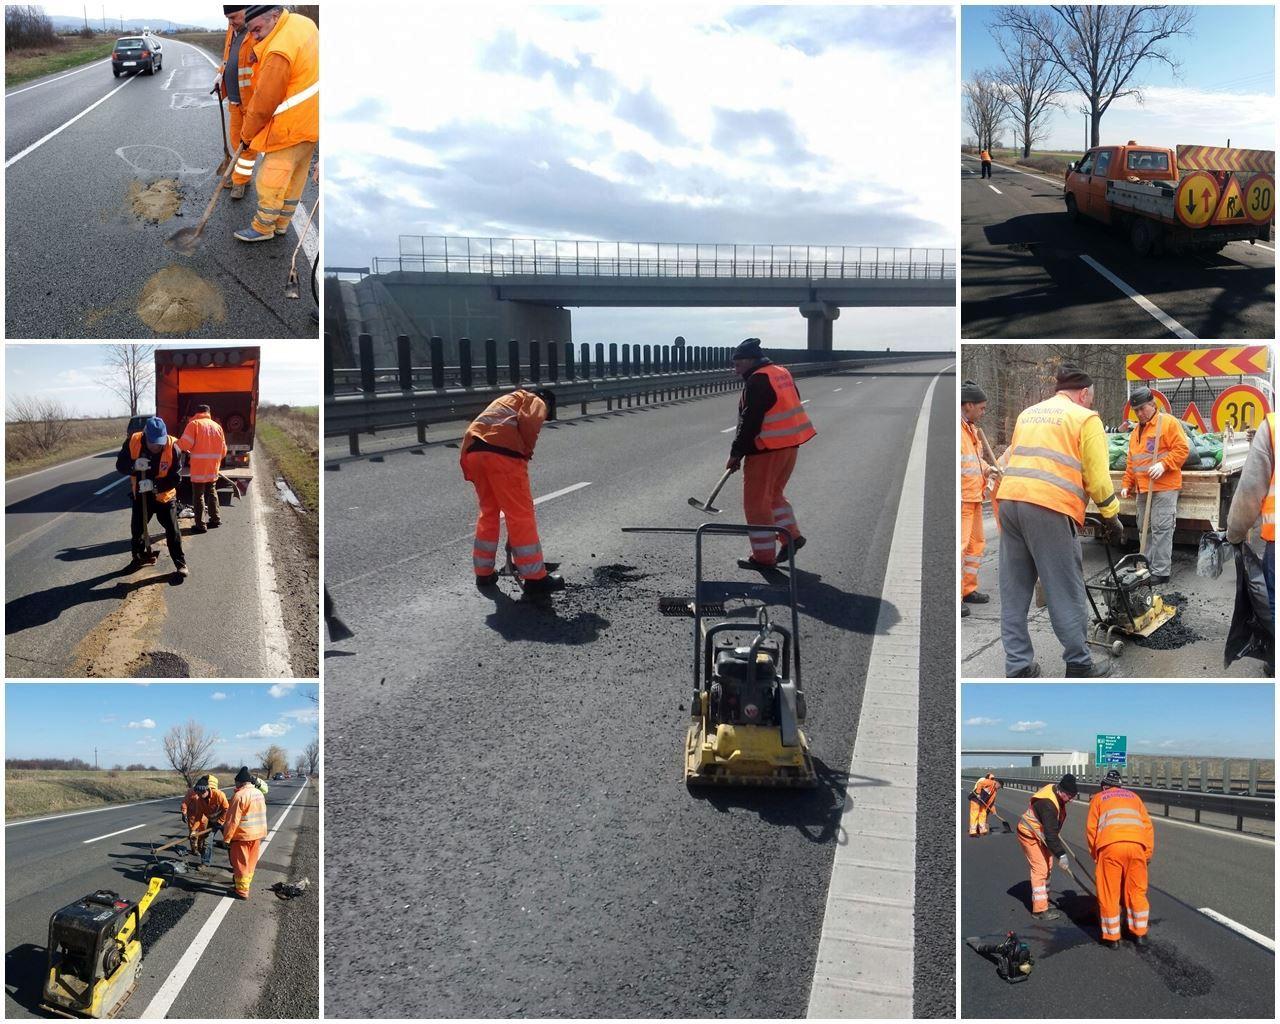 Direcţia de Drumuri a anunţat reparea sutelor de gropi apărute în asfalt